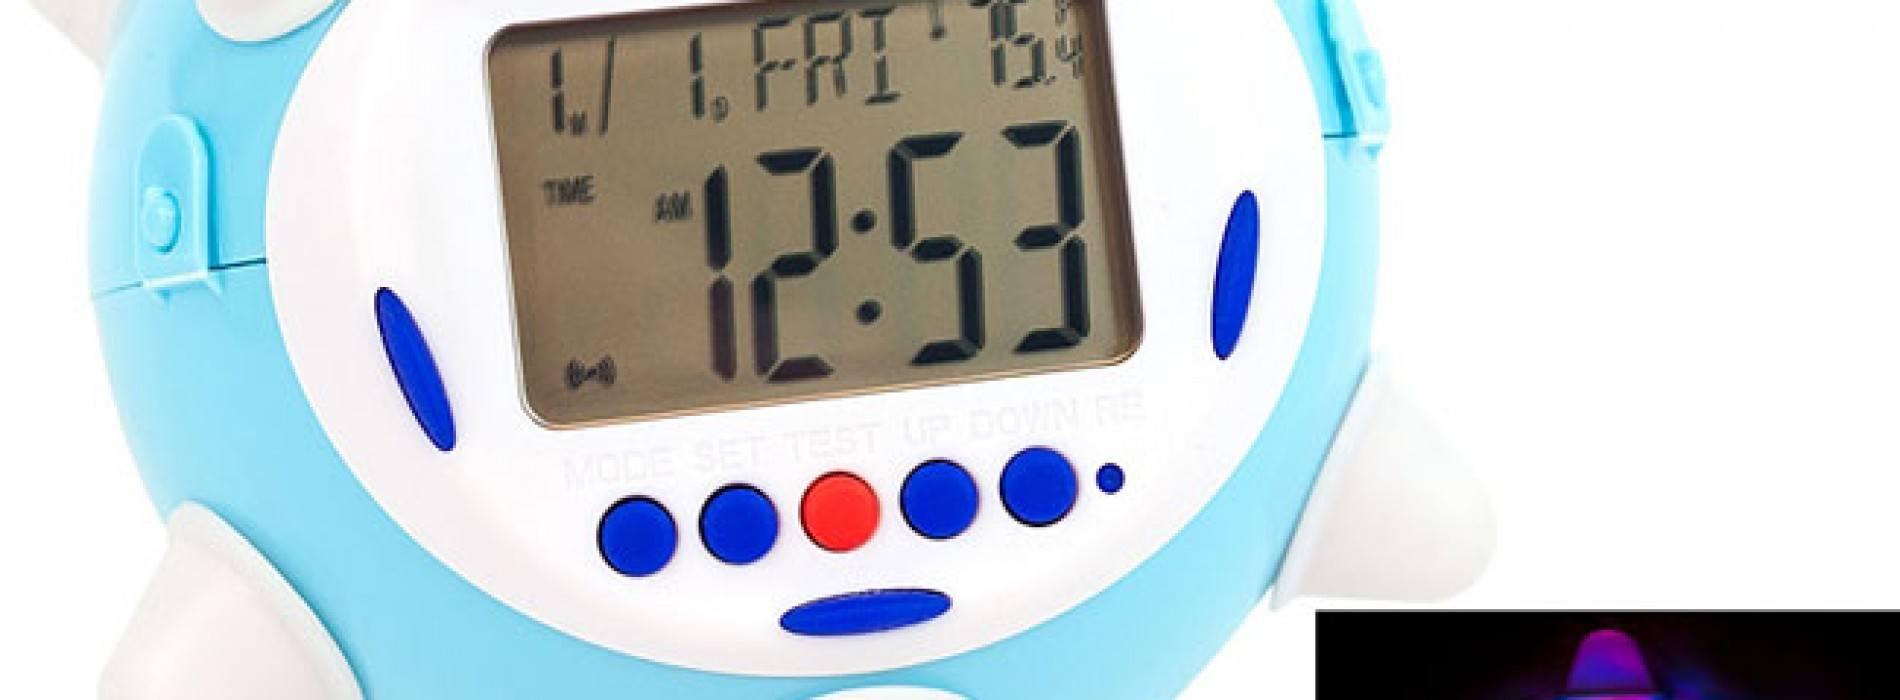 Reloj despertador que brilla, salta y suena